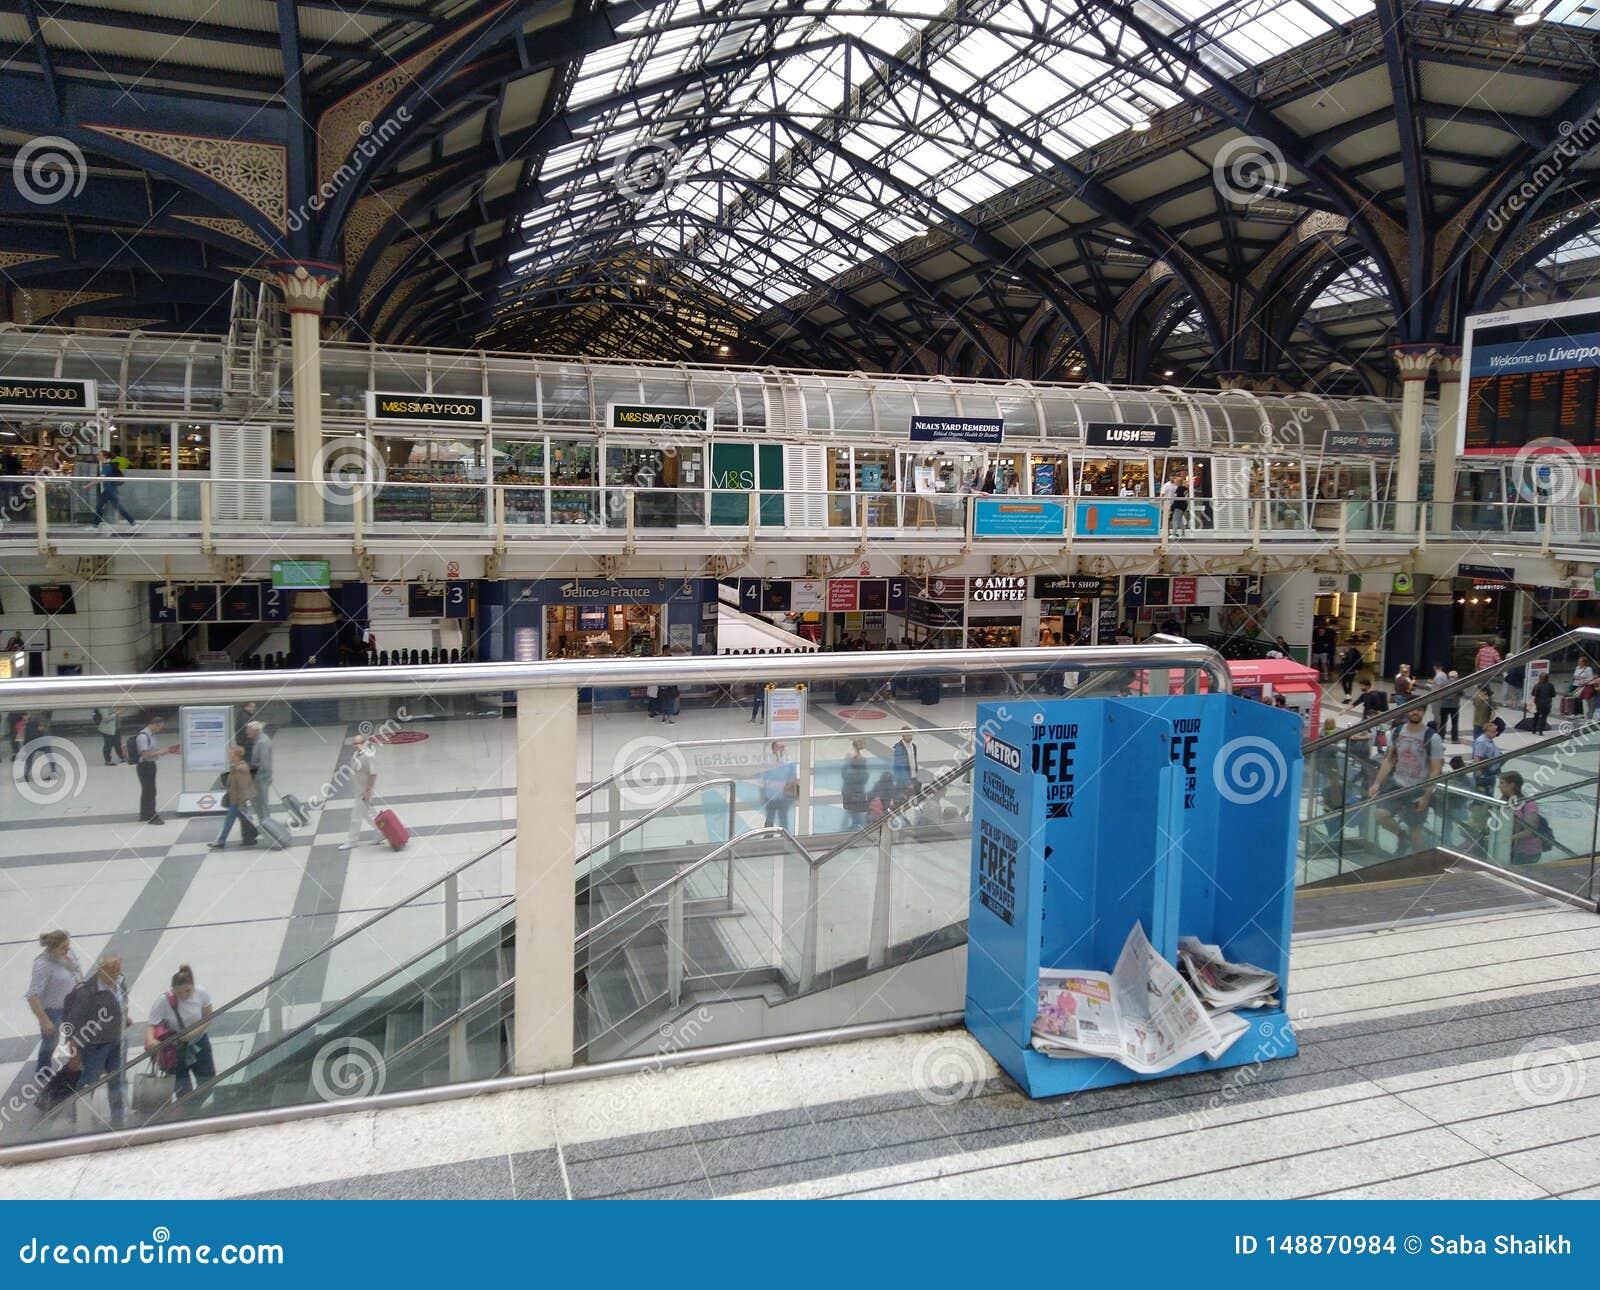 станция Ливерпуль Лондон Великобритания Overground метро